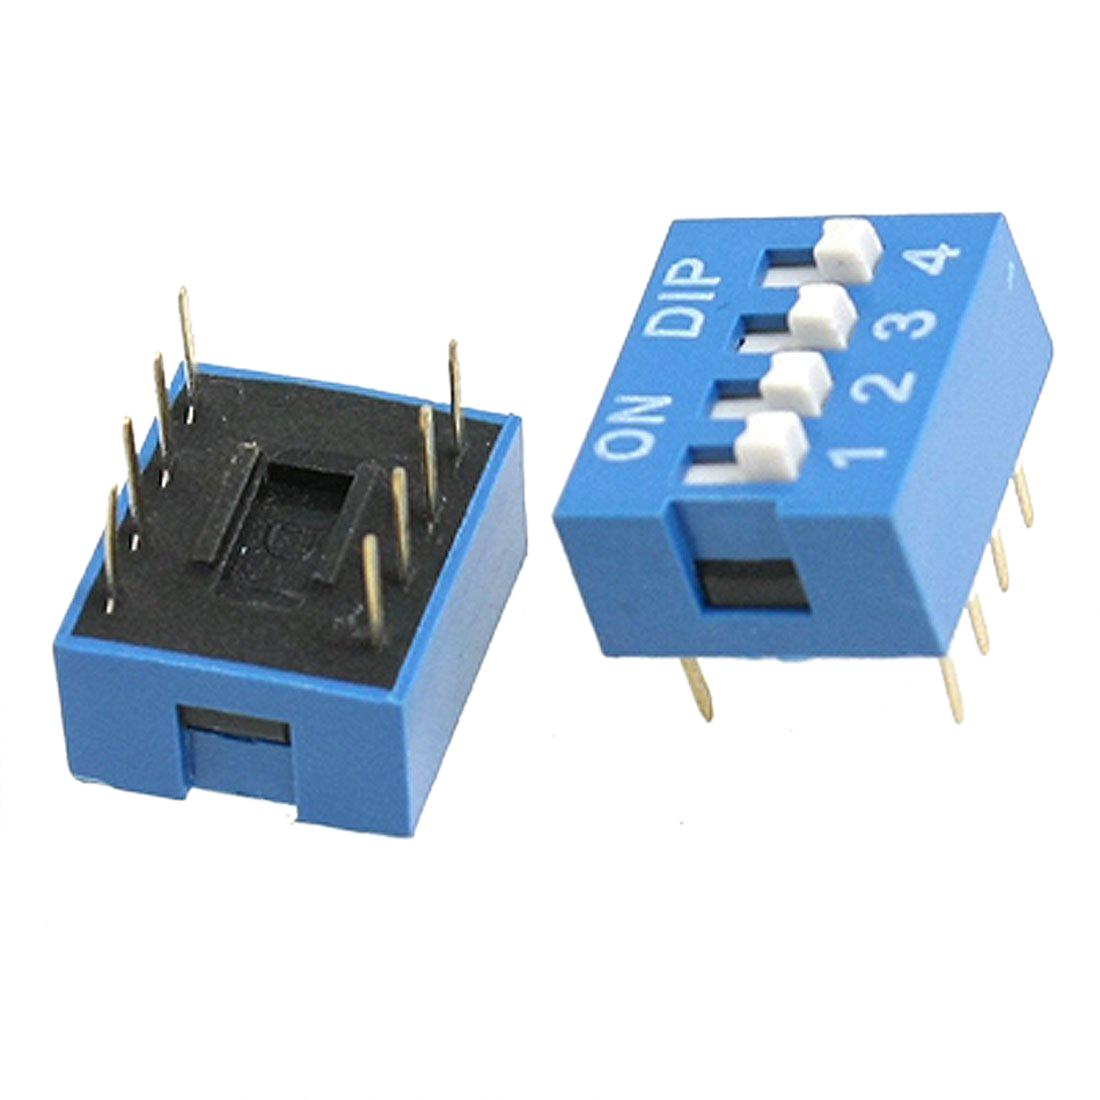 Гаджет  2015 Best Sale 10 Pcs 2 offer 8 Pin 4P Positions 2.54mm Pitch DIP Switch Blue None Электротехническое оборудование и материалы